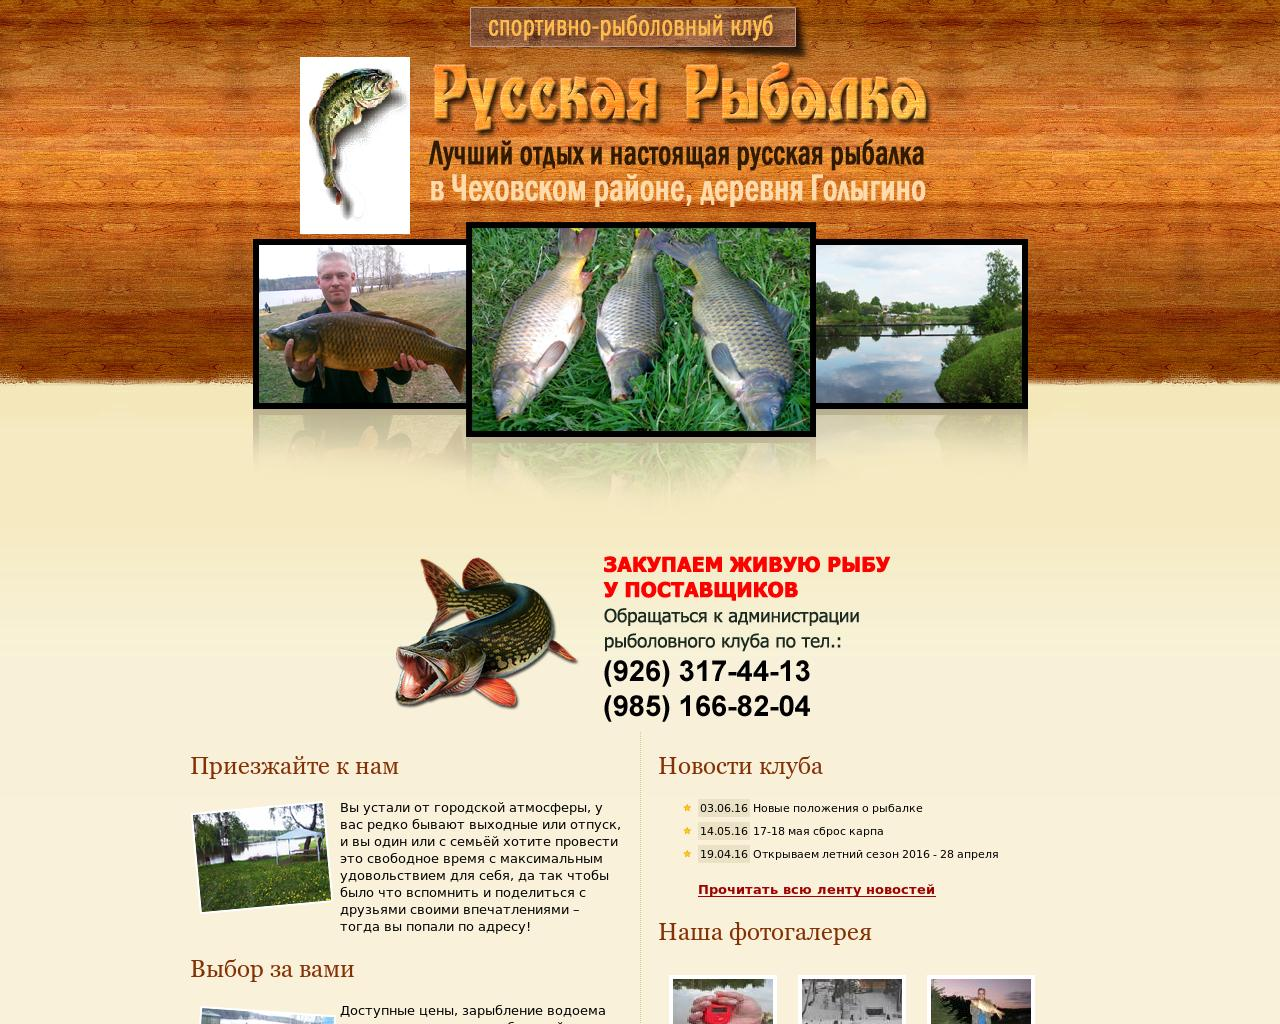 рыбалка на чеховском районе московской области